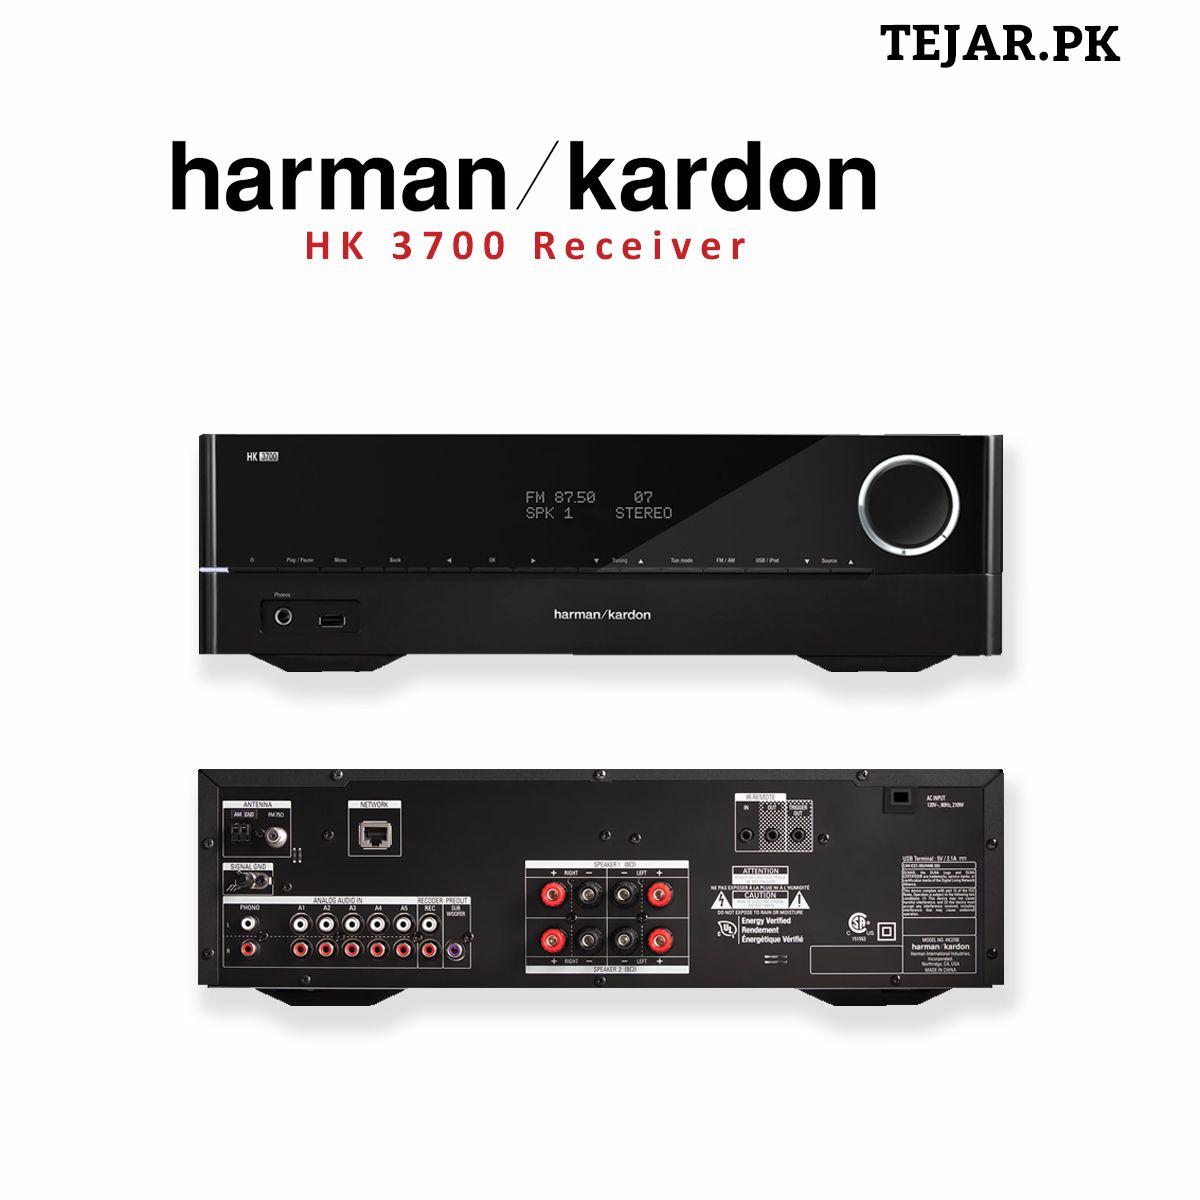 Harman kardon hk 3700 receiver harman kardon buy